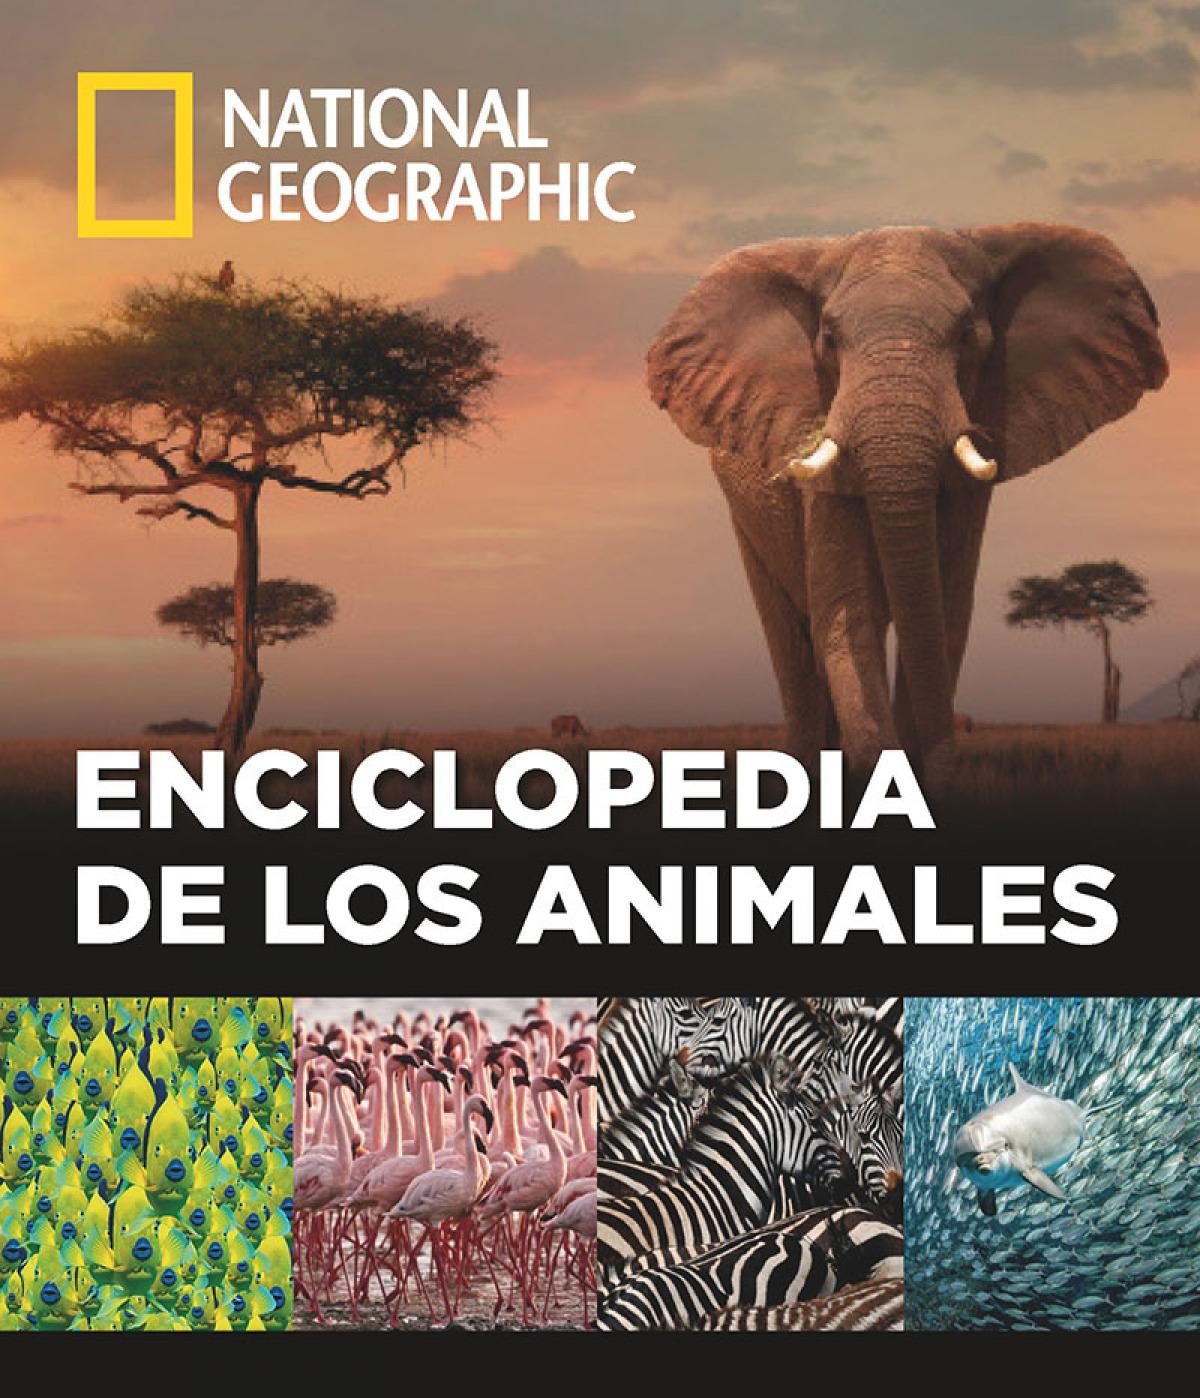 ENCICLOPEDIA DE LOS ANIMALES 9788482986432